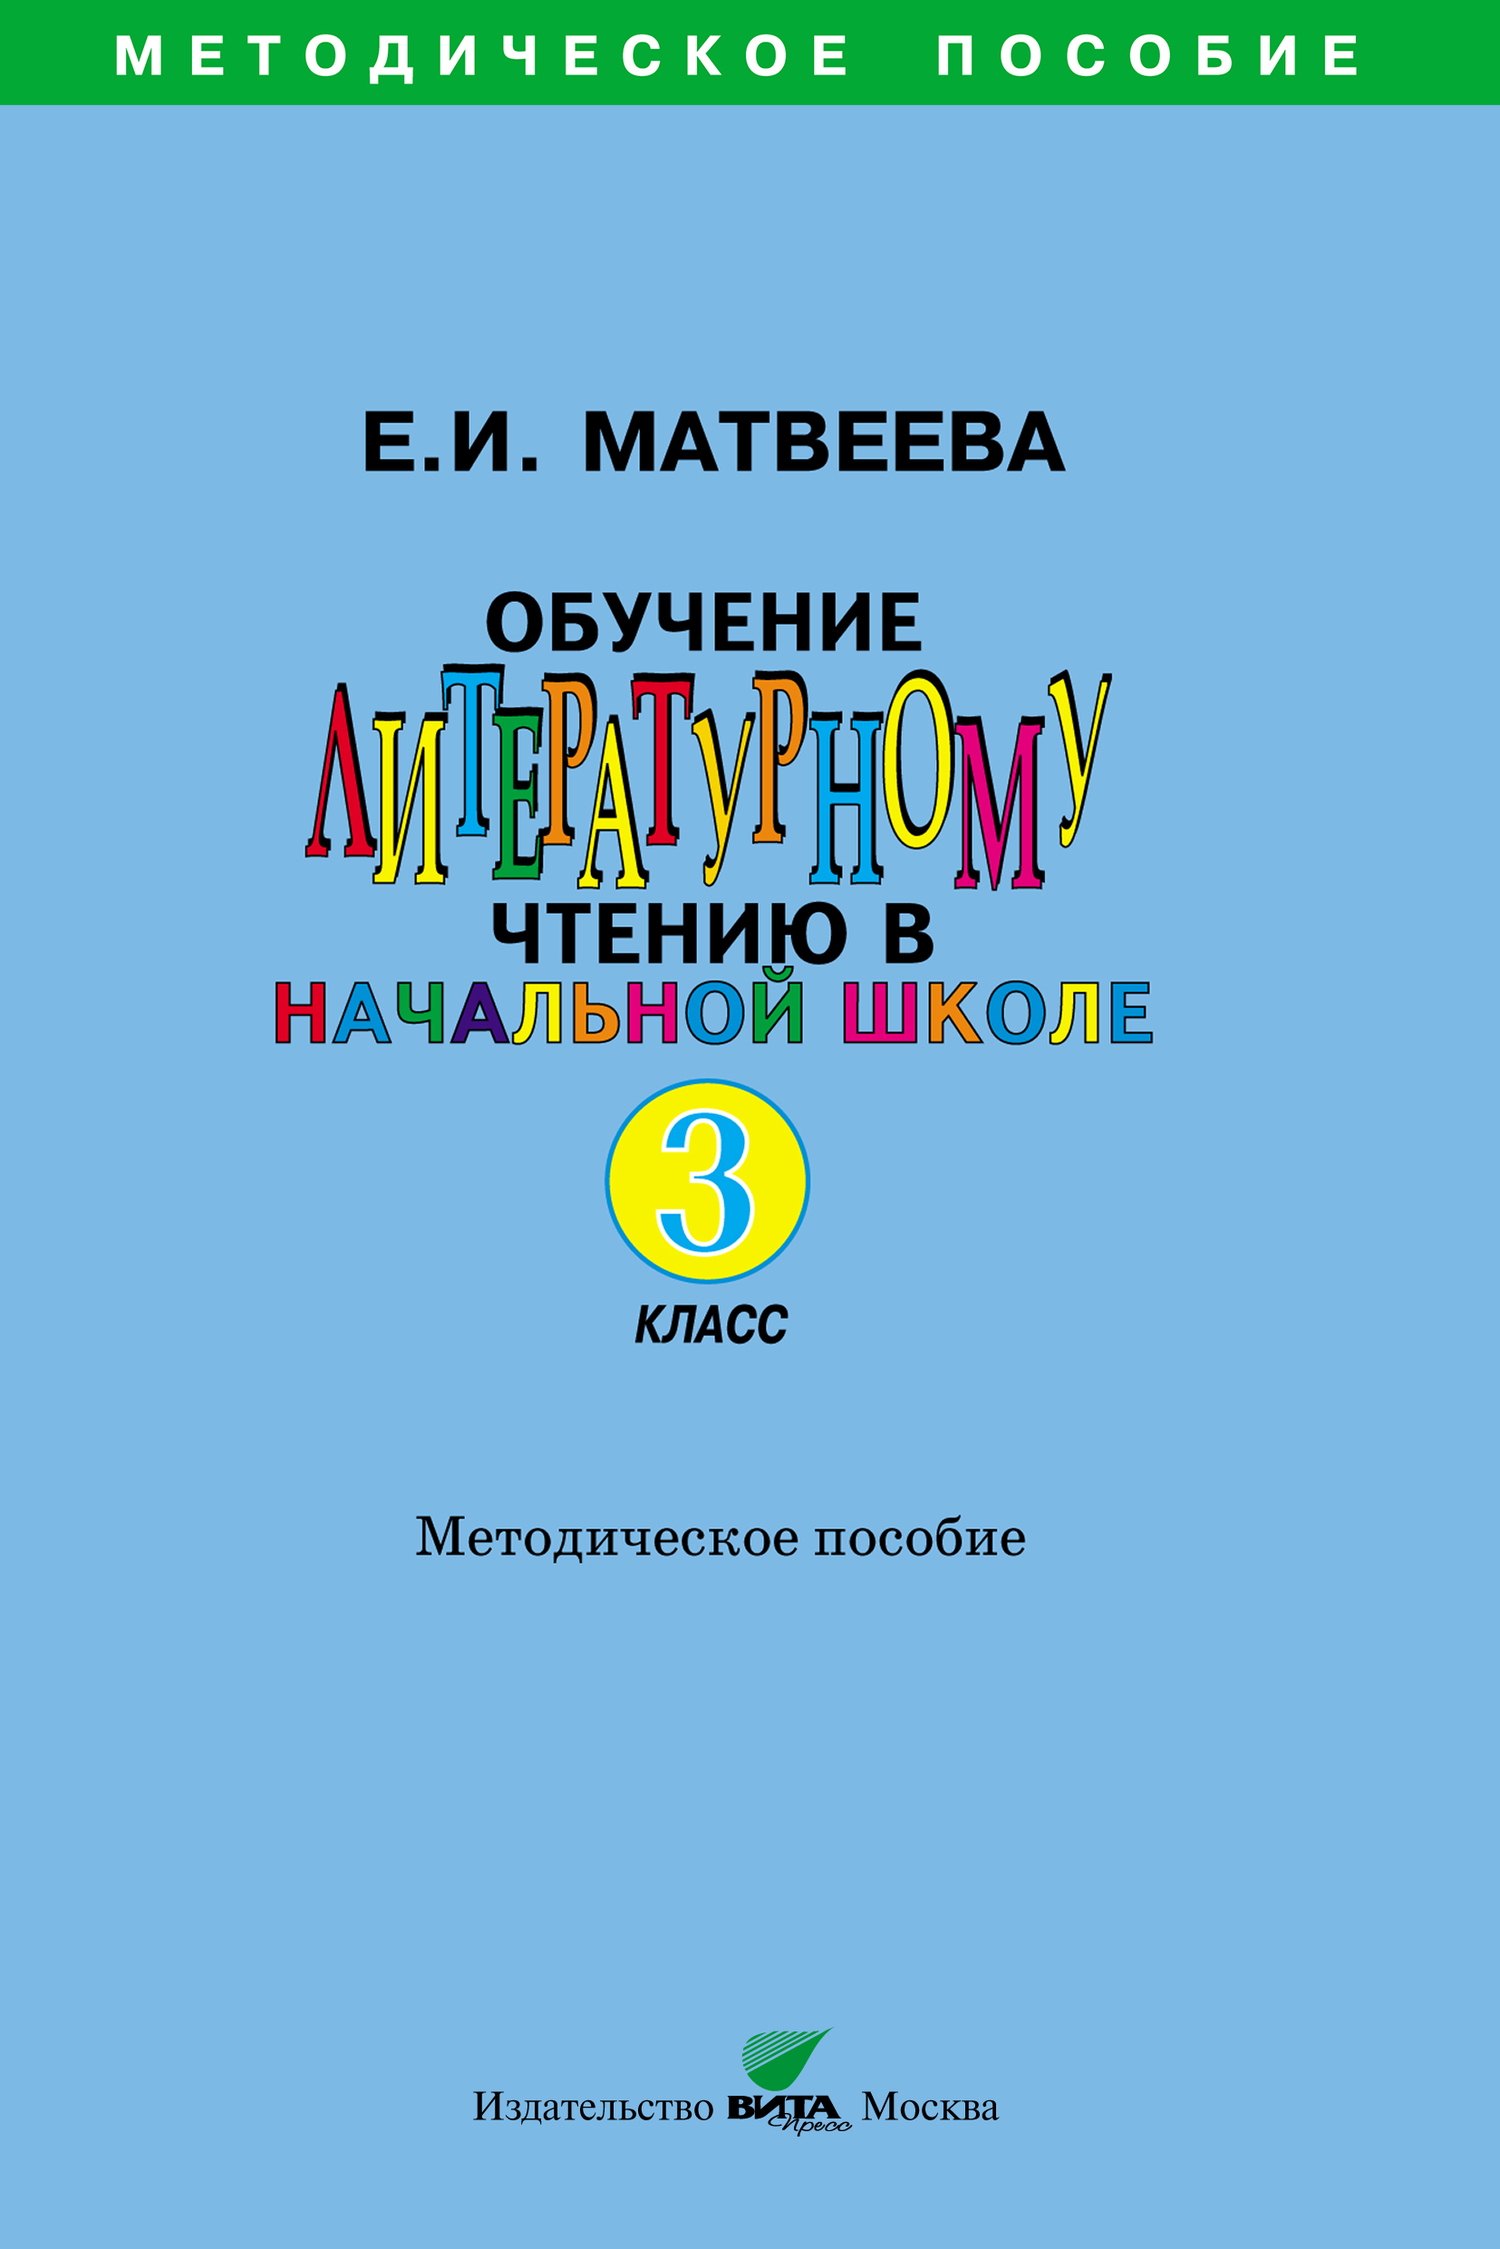 Е. И. Матвеева. Обучение литературному чтению в начальной школе. Методическое пособие. 3 класс